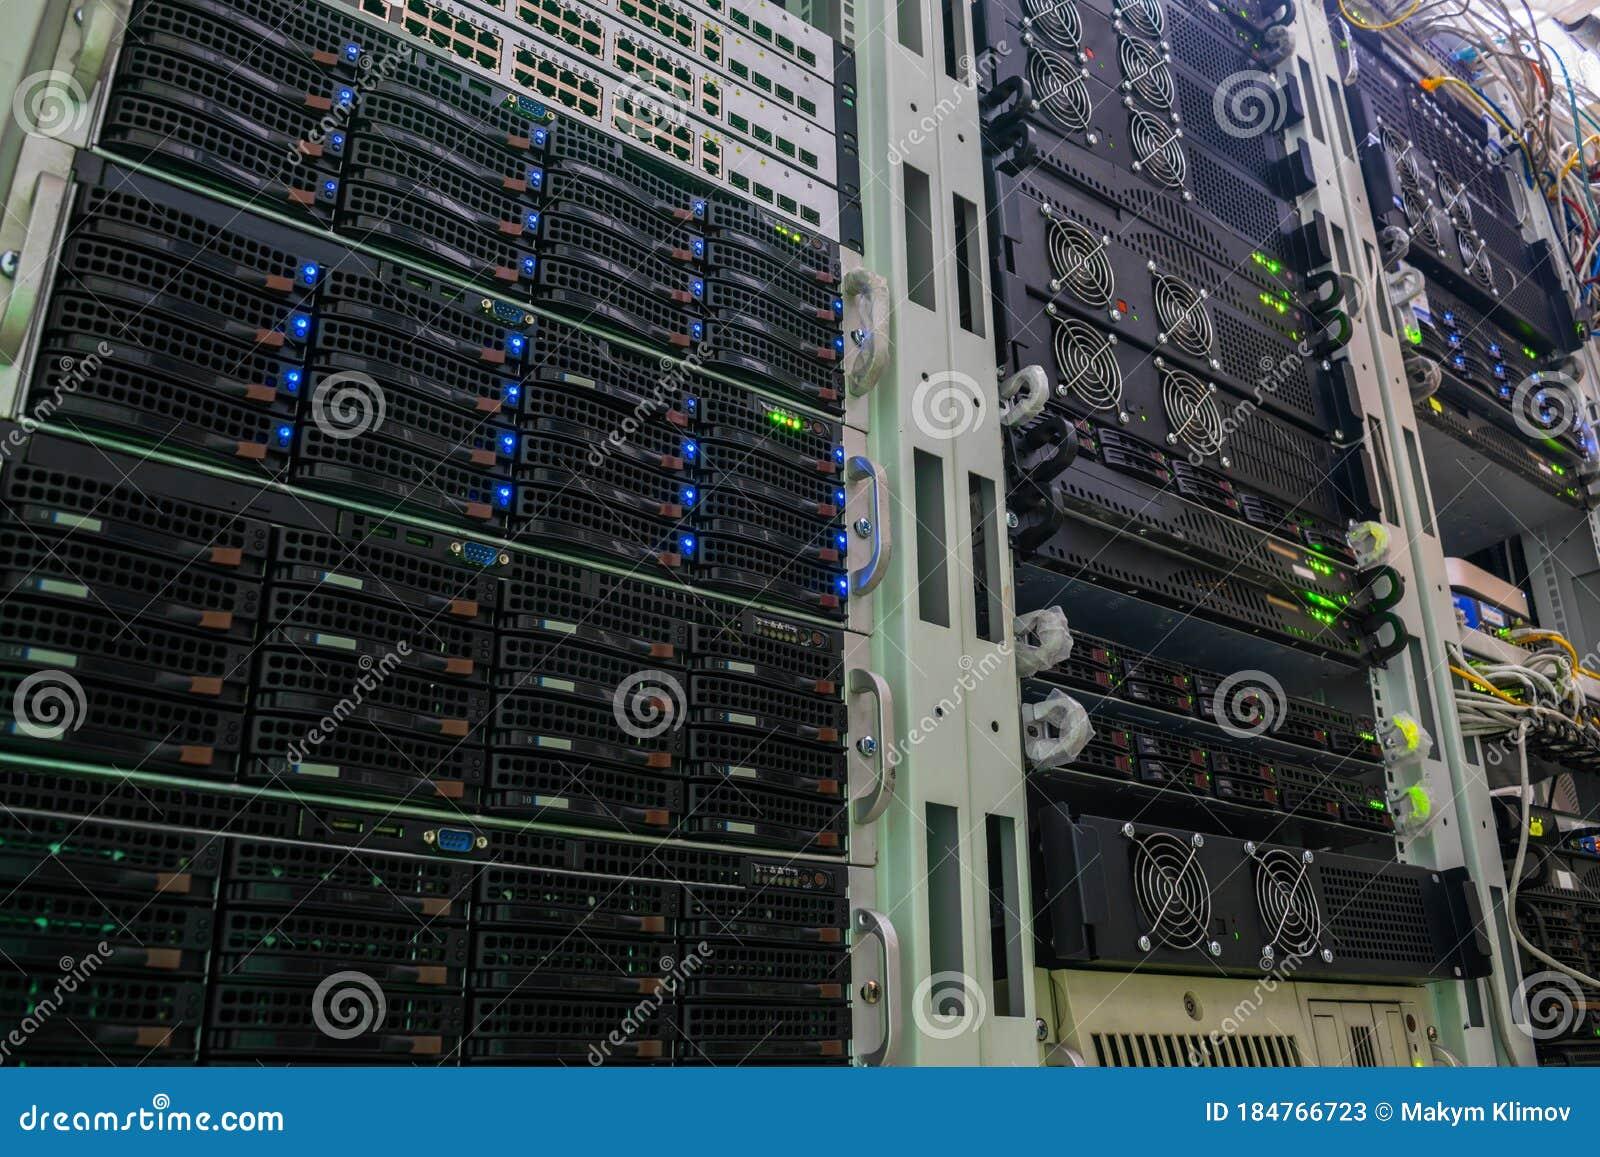 бесплатный хостинг для сервер cs